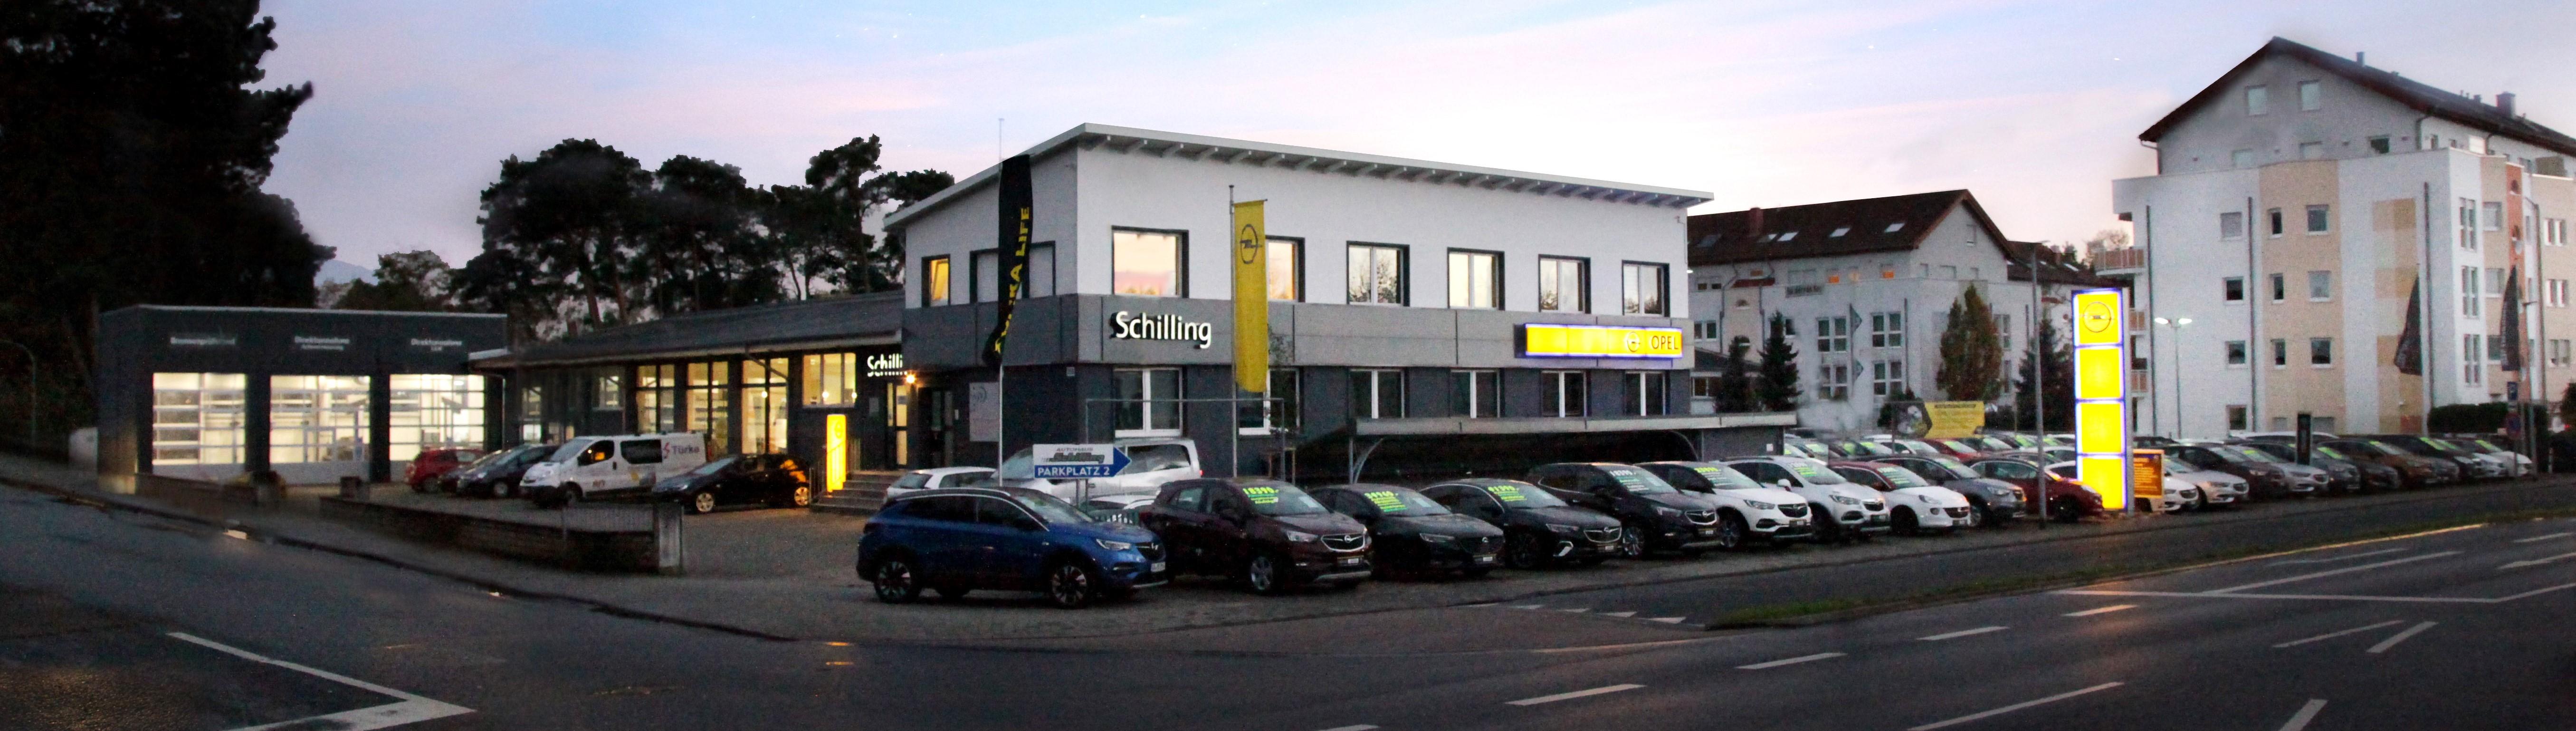 Autohaus_Schilling_2019-2